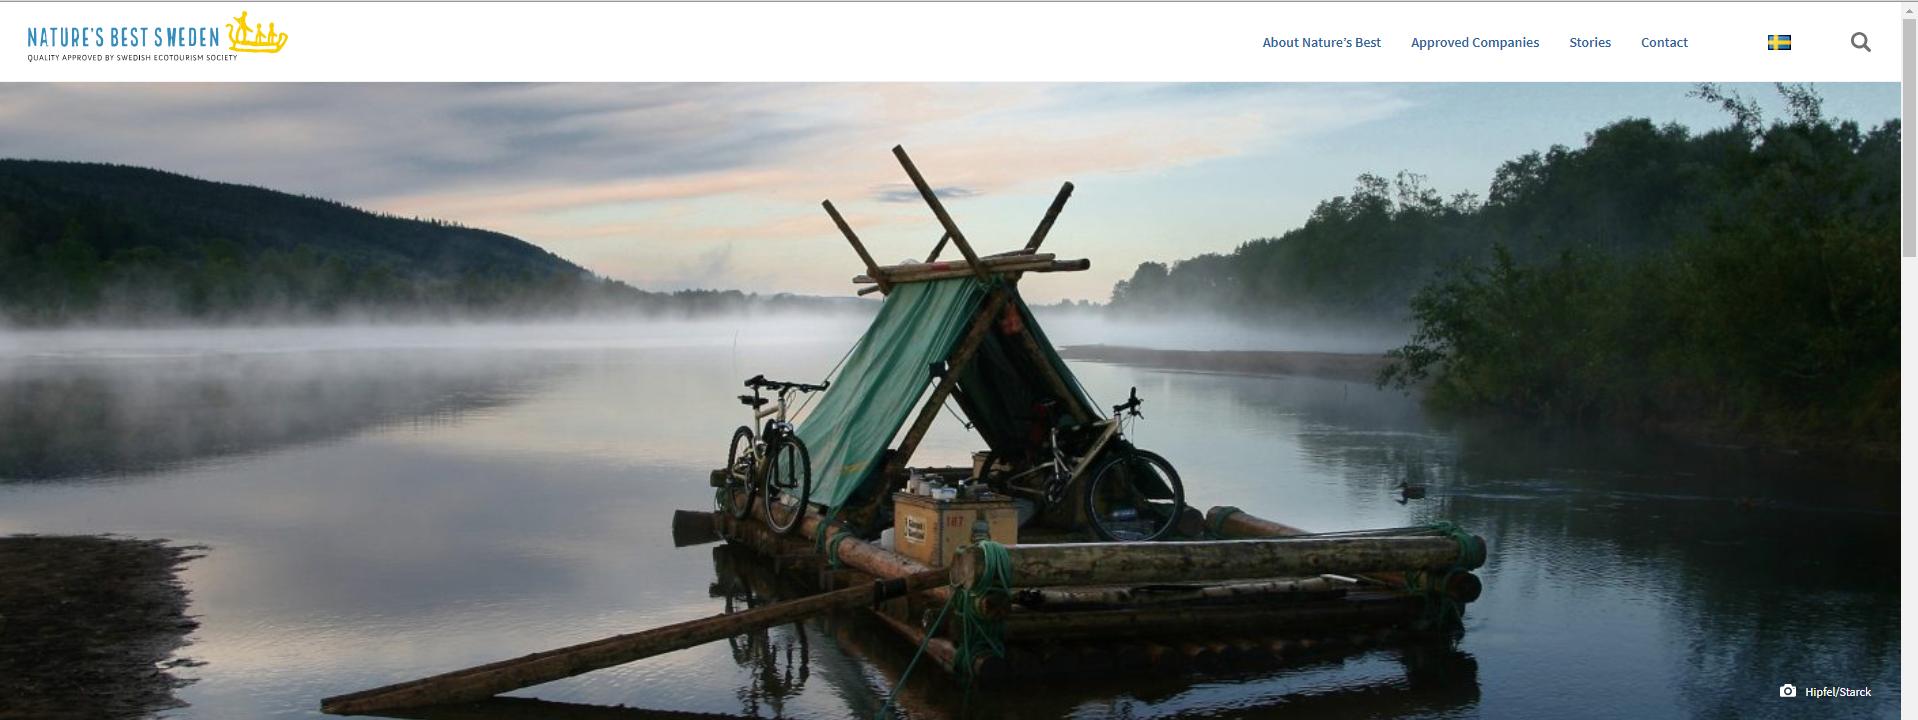 Naturesbestsweden.com